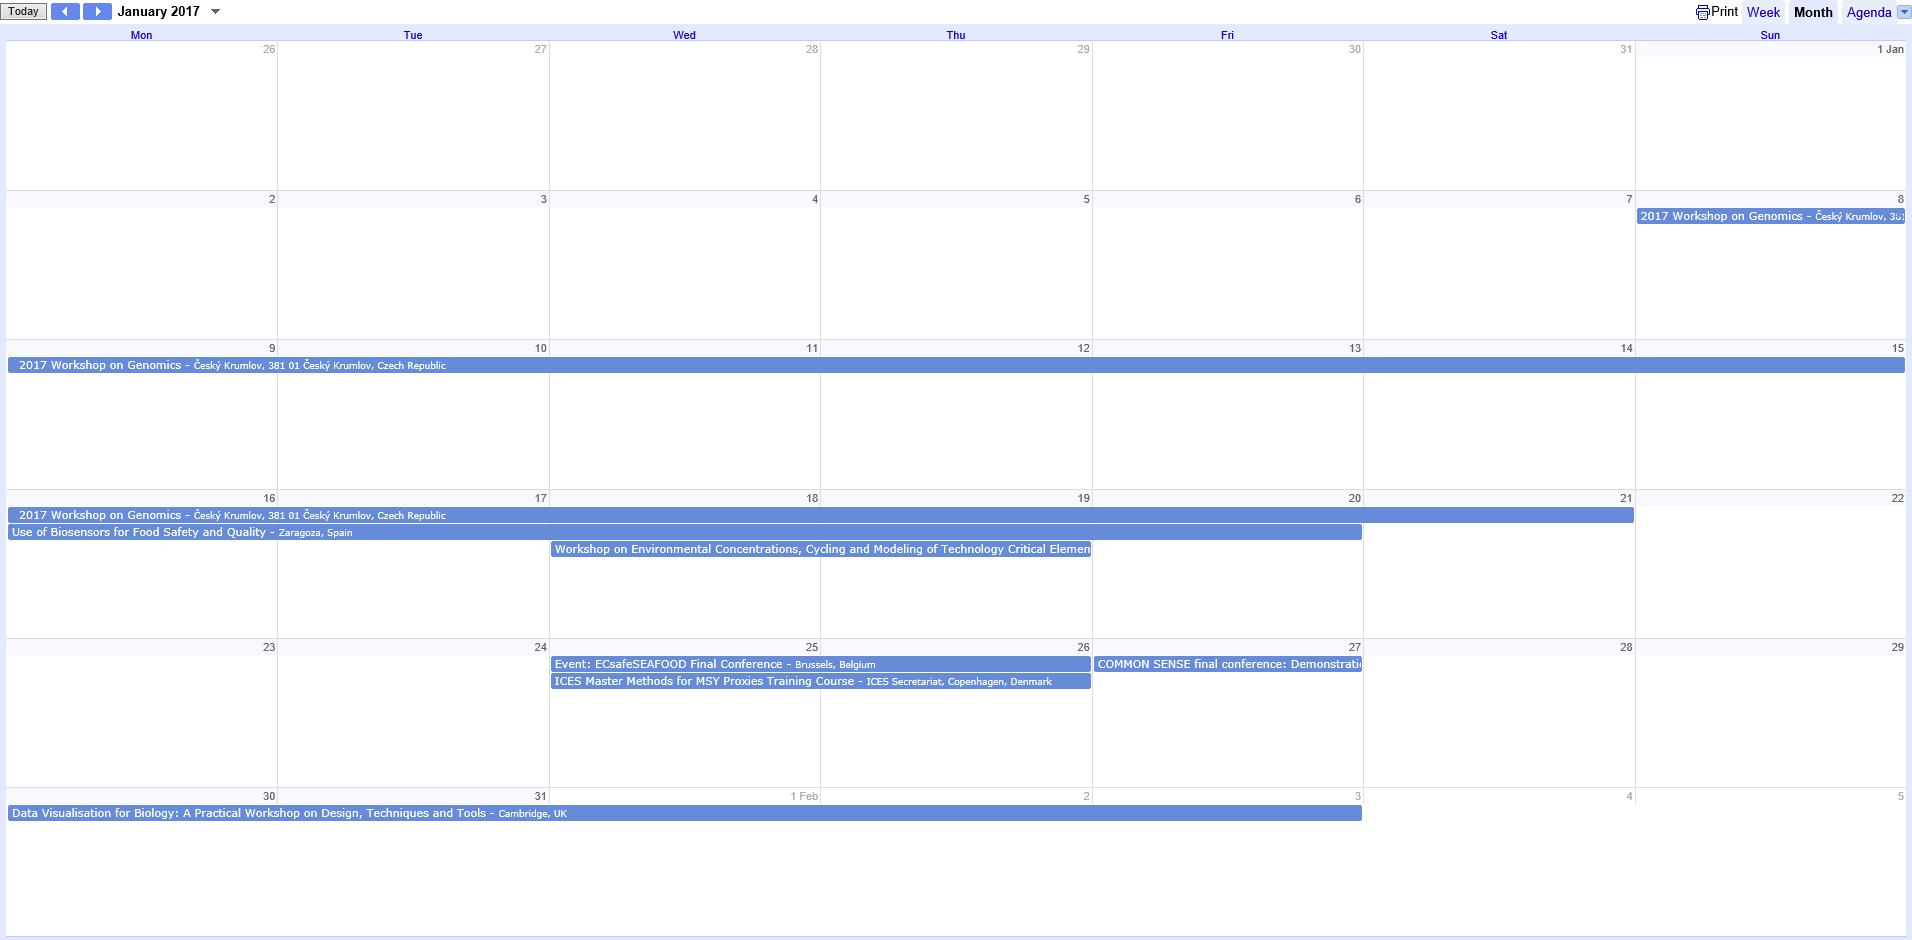 January diary